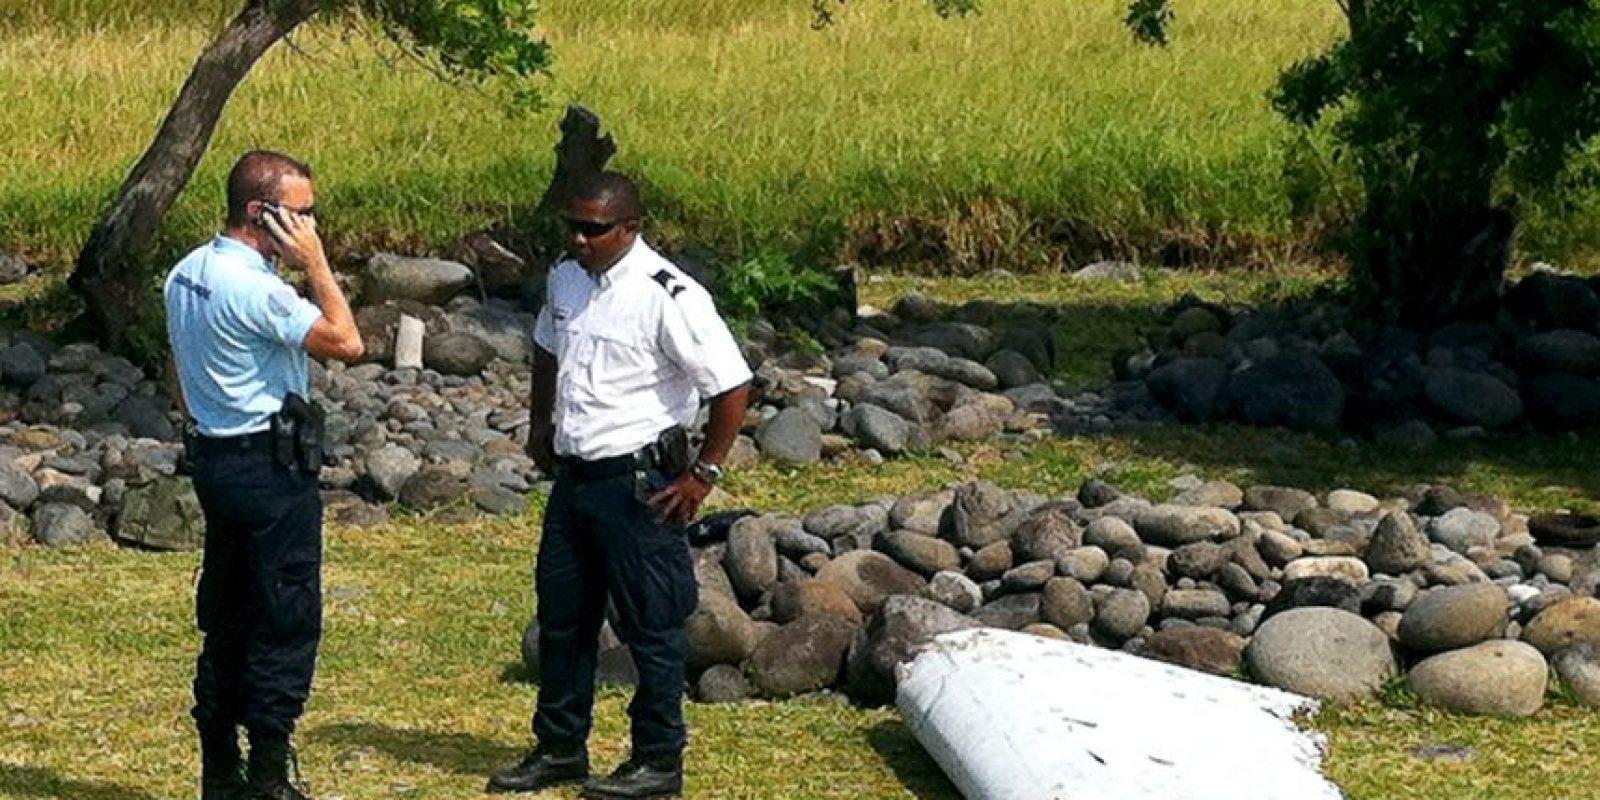 Los restos fueron encontrados en la Isla Reunion, en medio del océano índico. Foto:AFP